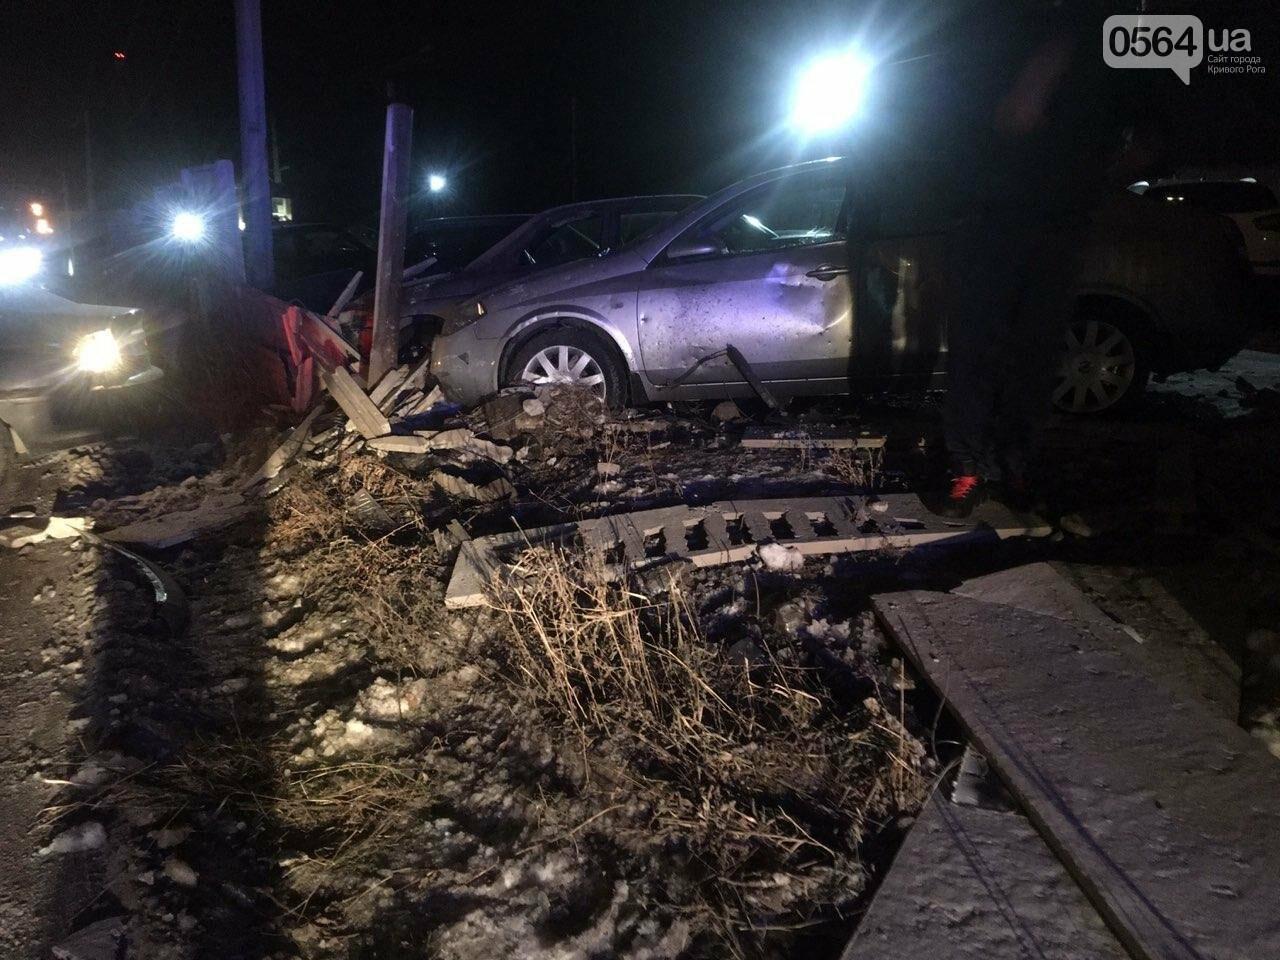 """В Кривом Роге """"BMW"""" снес забор стоянки: повреждено около 10 машин, есть пострадавший, - ФОТО , фото-6"""